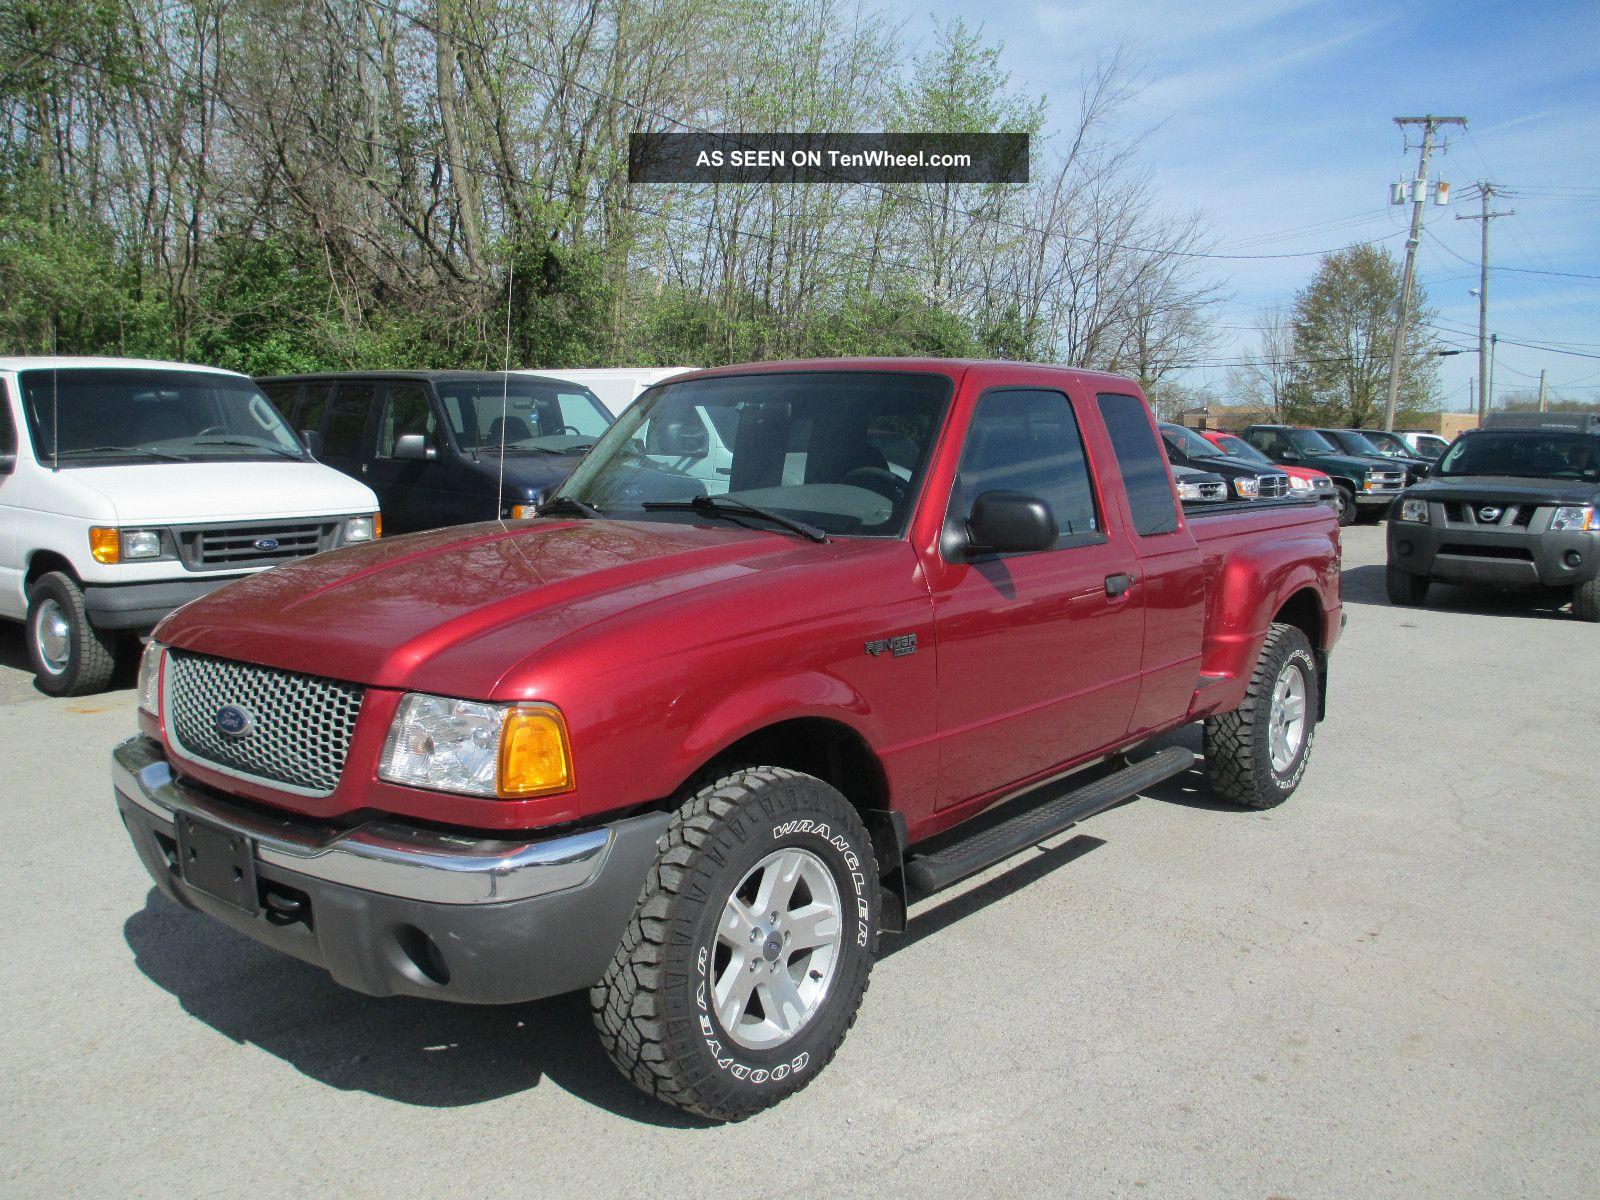 Wheel Xlt Ranger 2002 Ford Drive 4